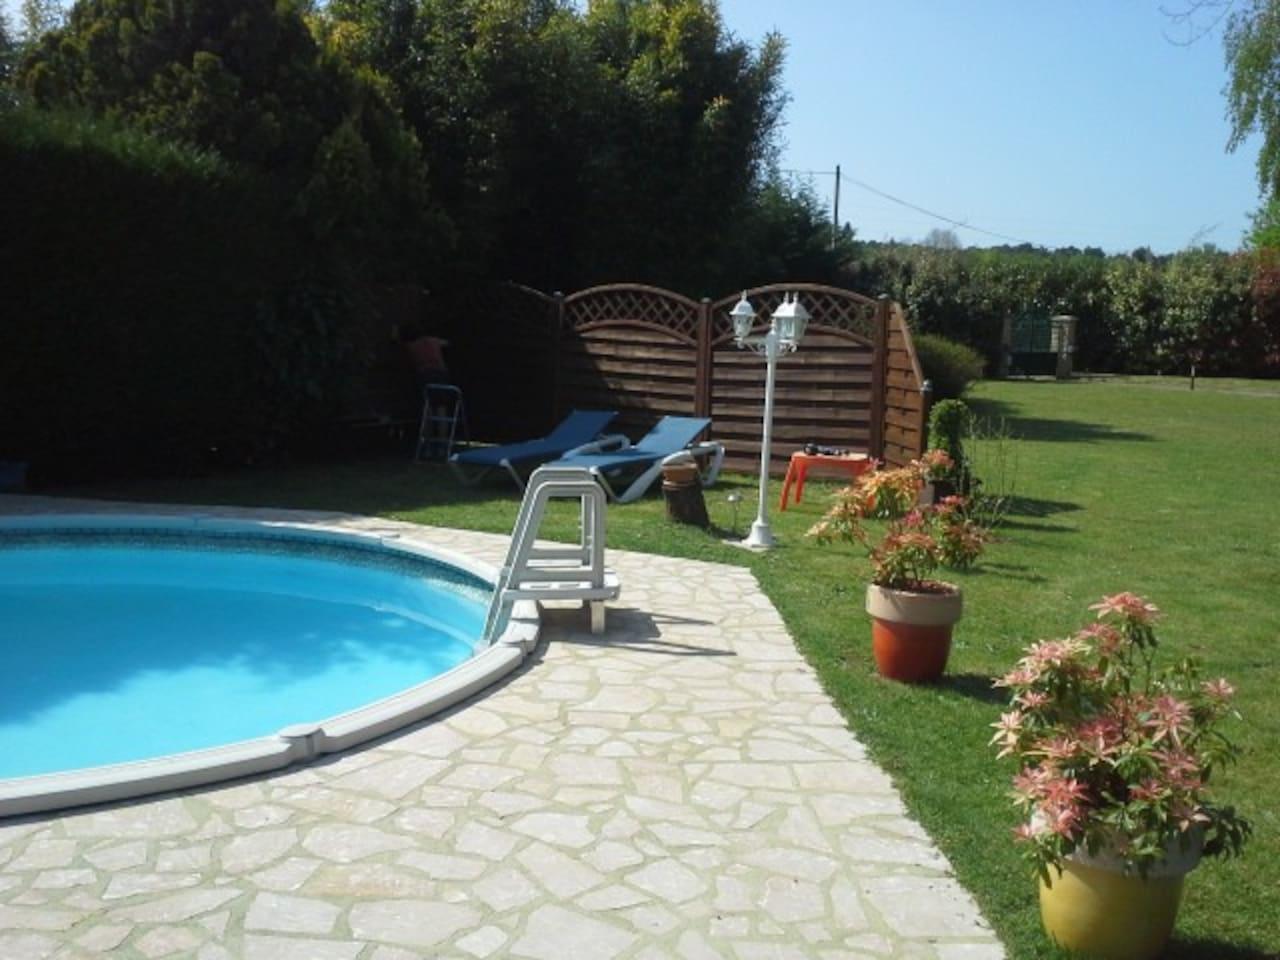 Petite piscine... l'été seulement